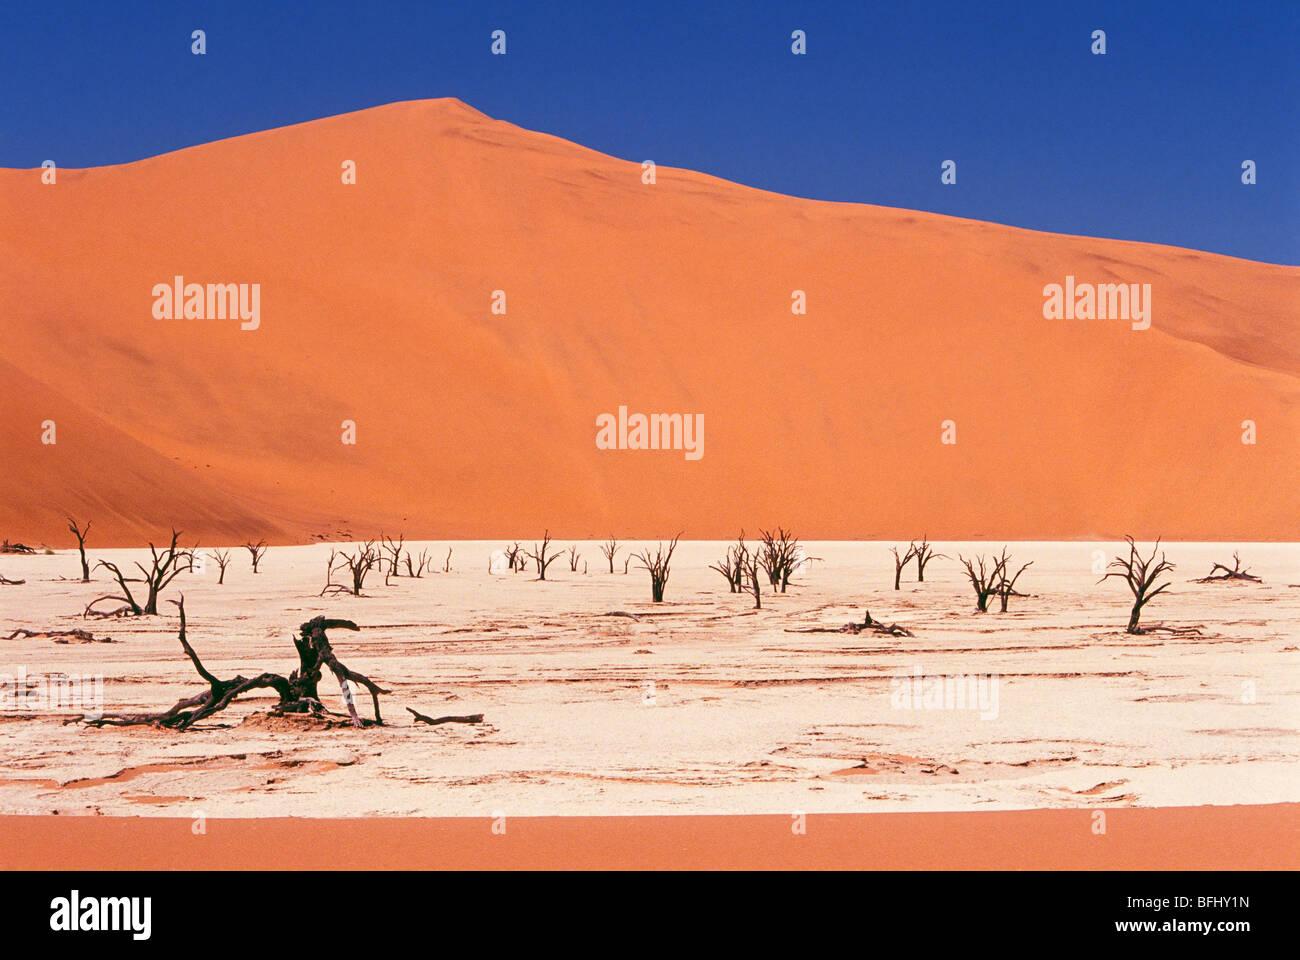 Árbol Muerto de esqueletos y agrietada arcilla rodeado por dunas de arena del Parque Nacional Namib-Naukluft Imagen De Stock